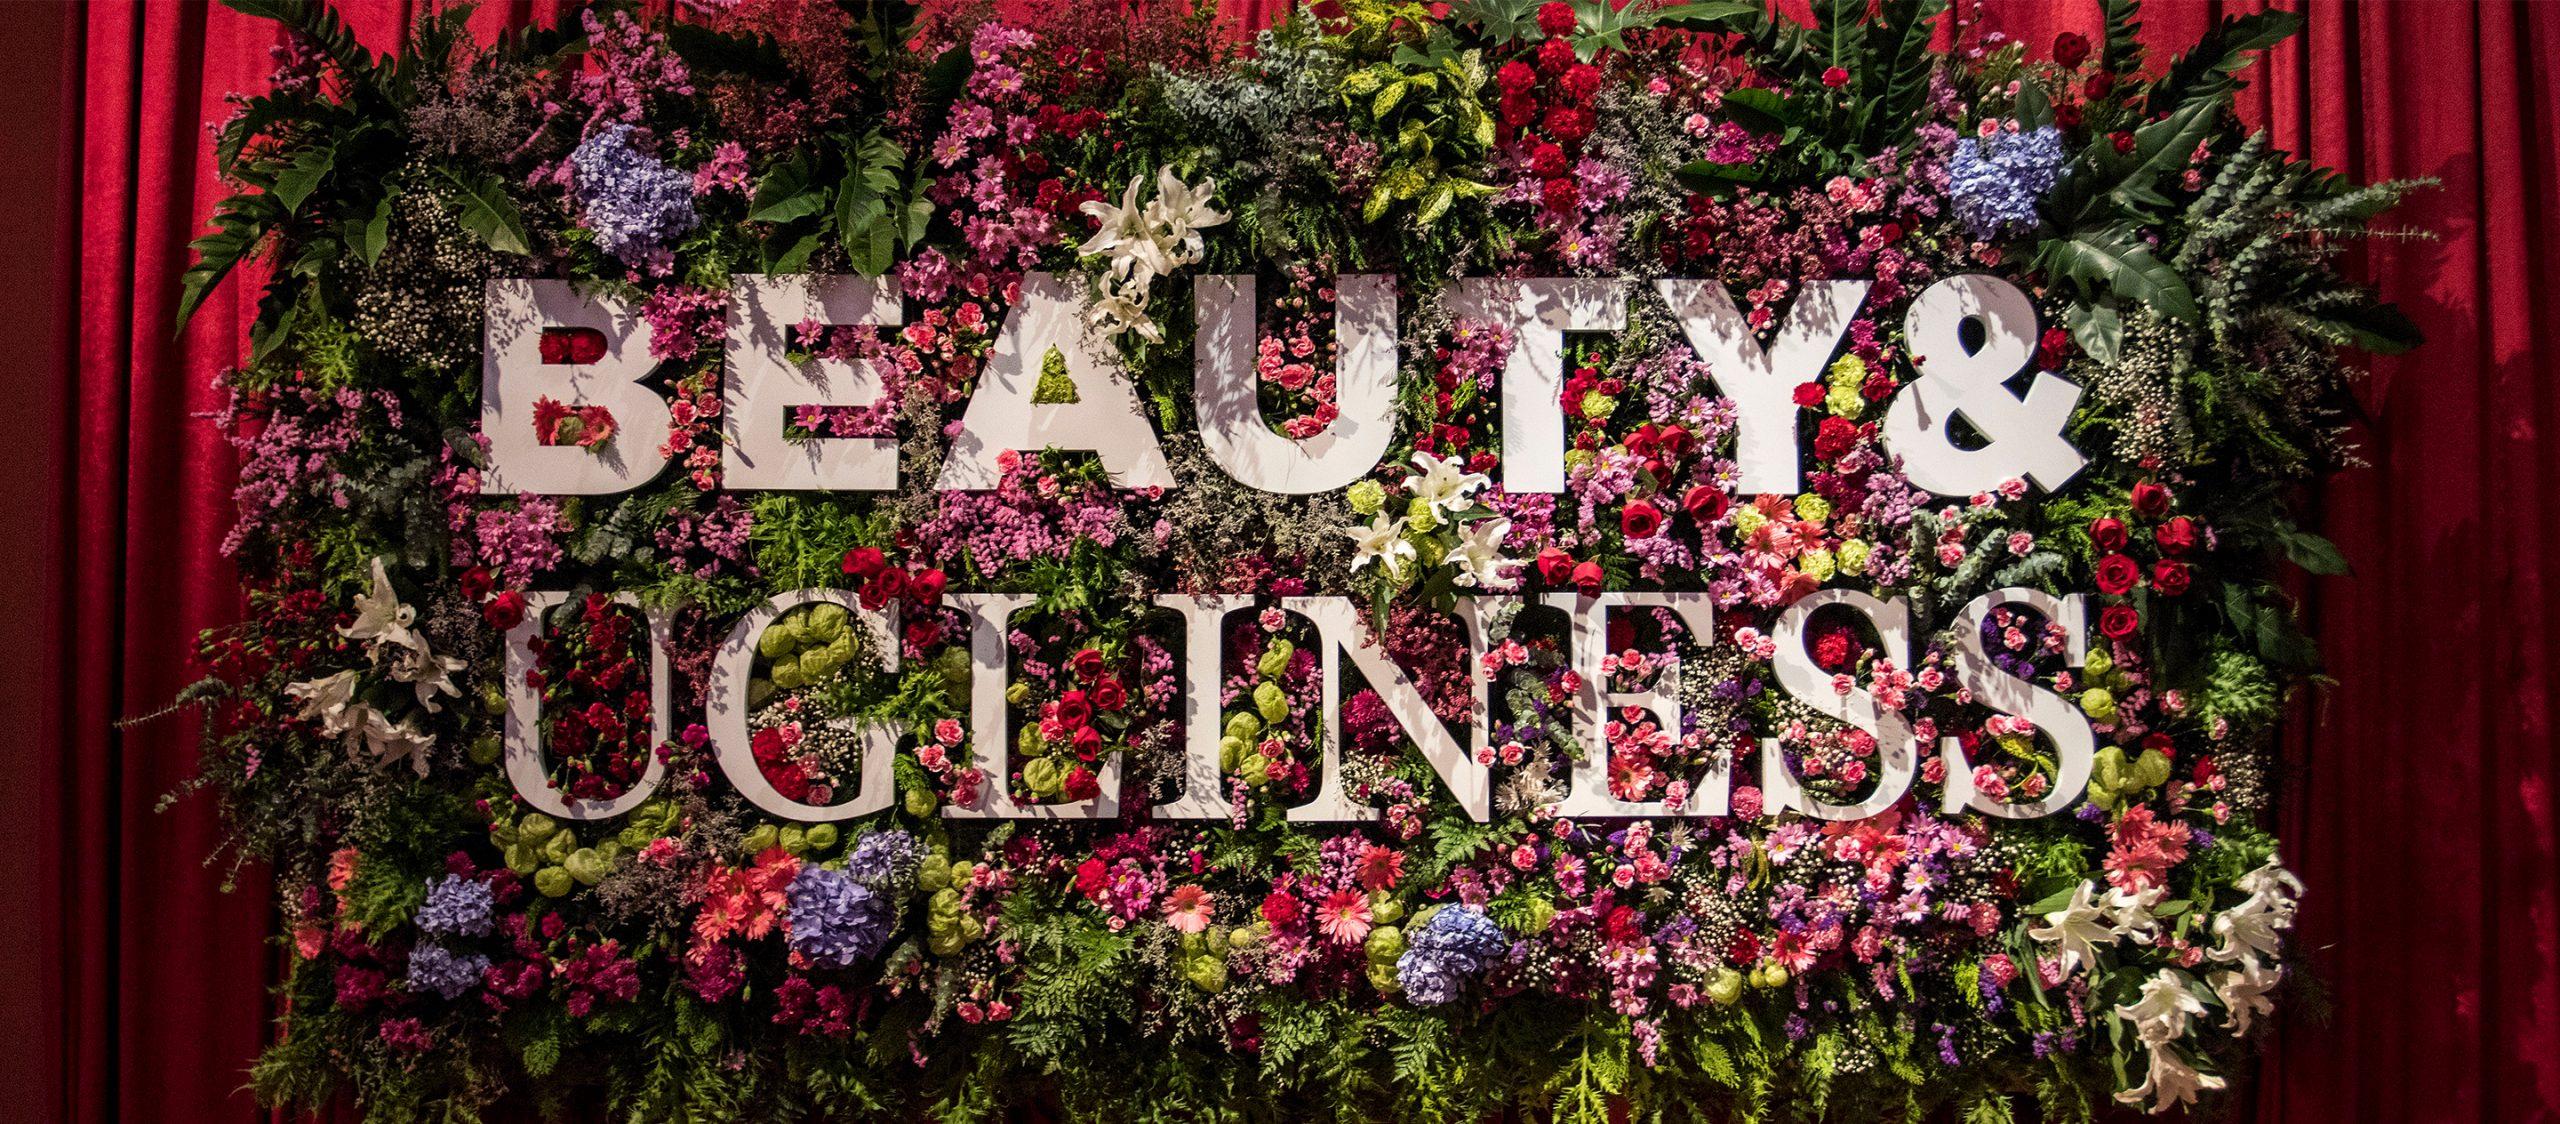 วิธีคิด Beauty and Ugliness : Aesthetic of Marsi นิทรรศการที่พาไปดูห้องทำงานของหม่อมเจ้ามารศีฯ